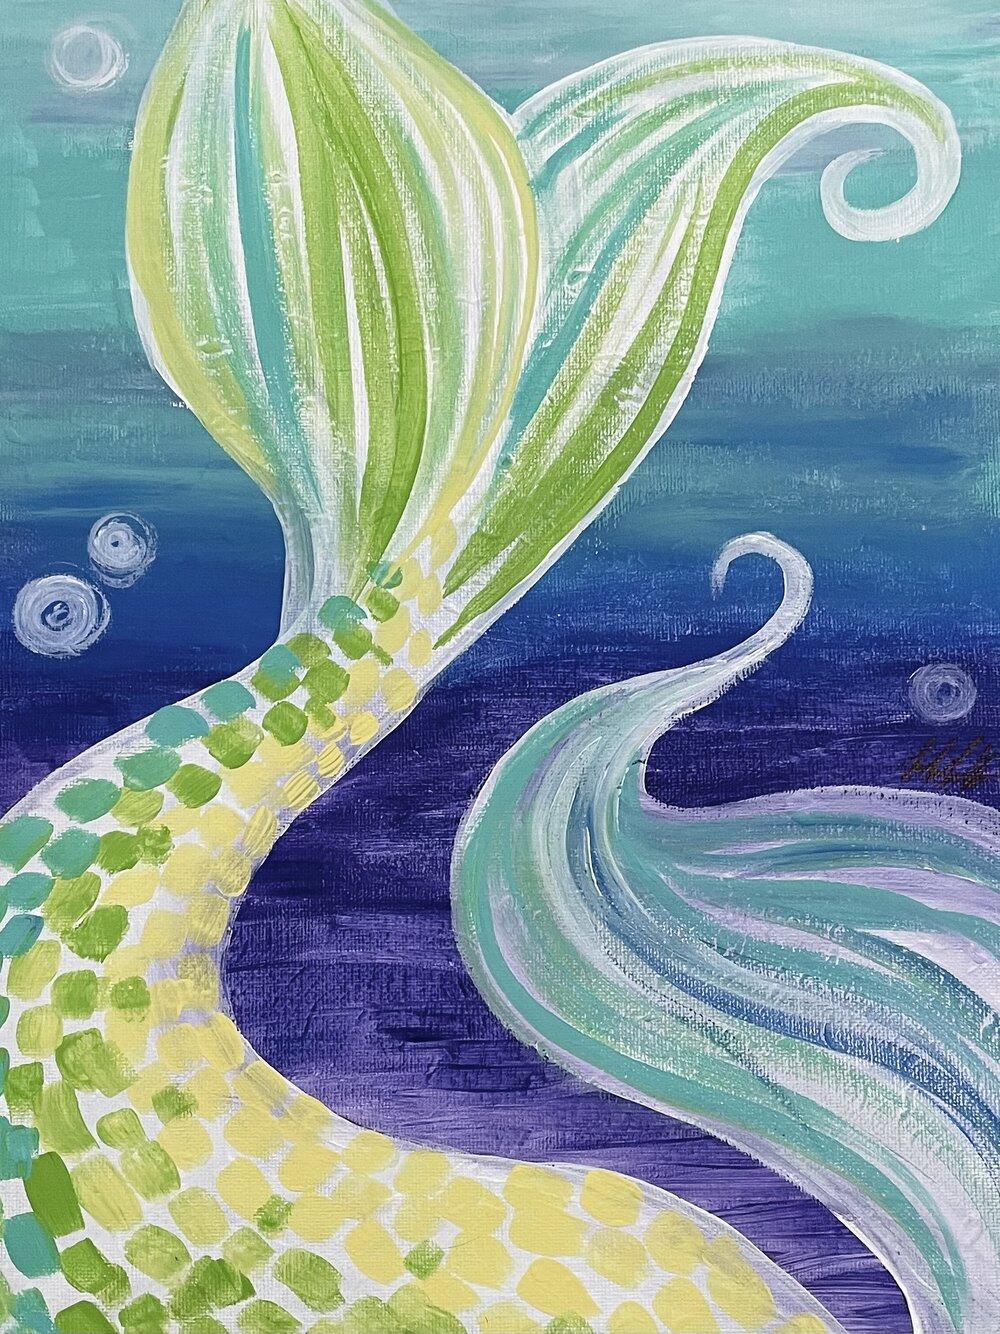 Tropical Mermaid Tail.jpg